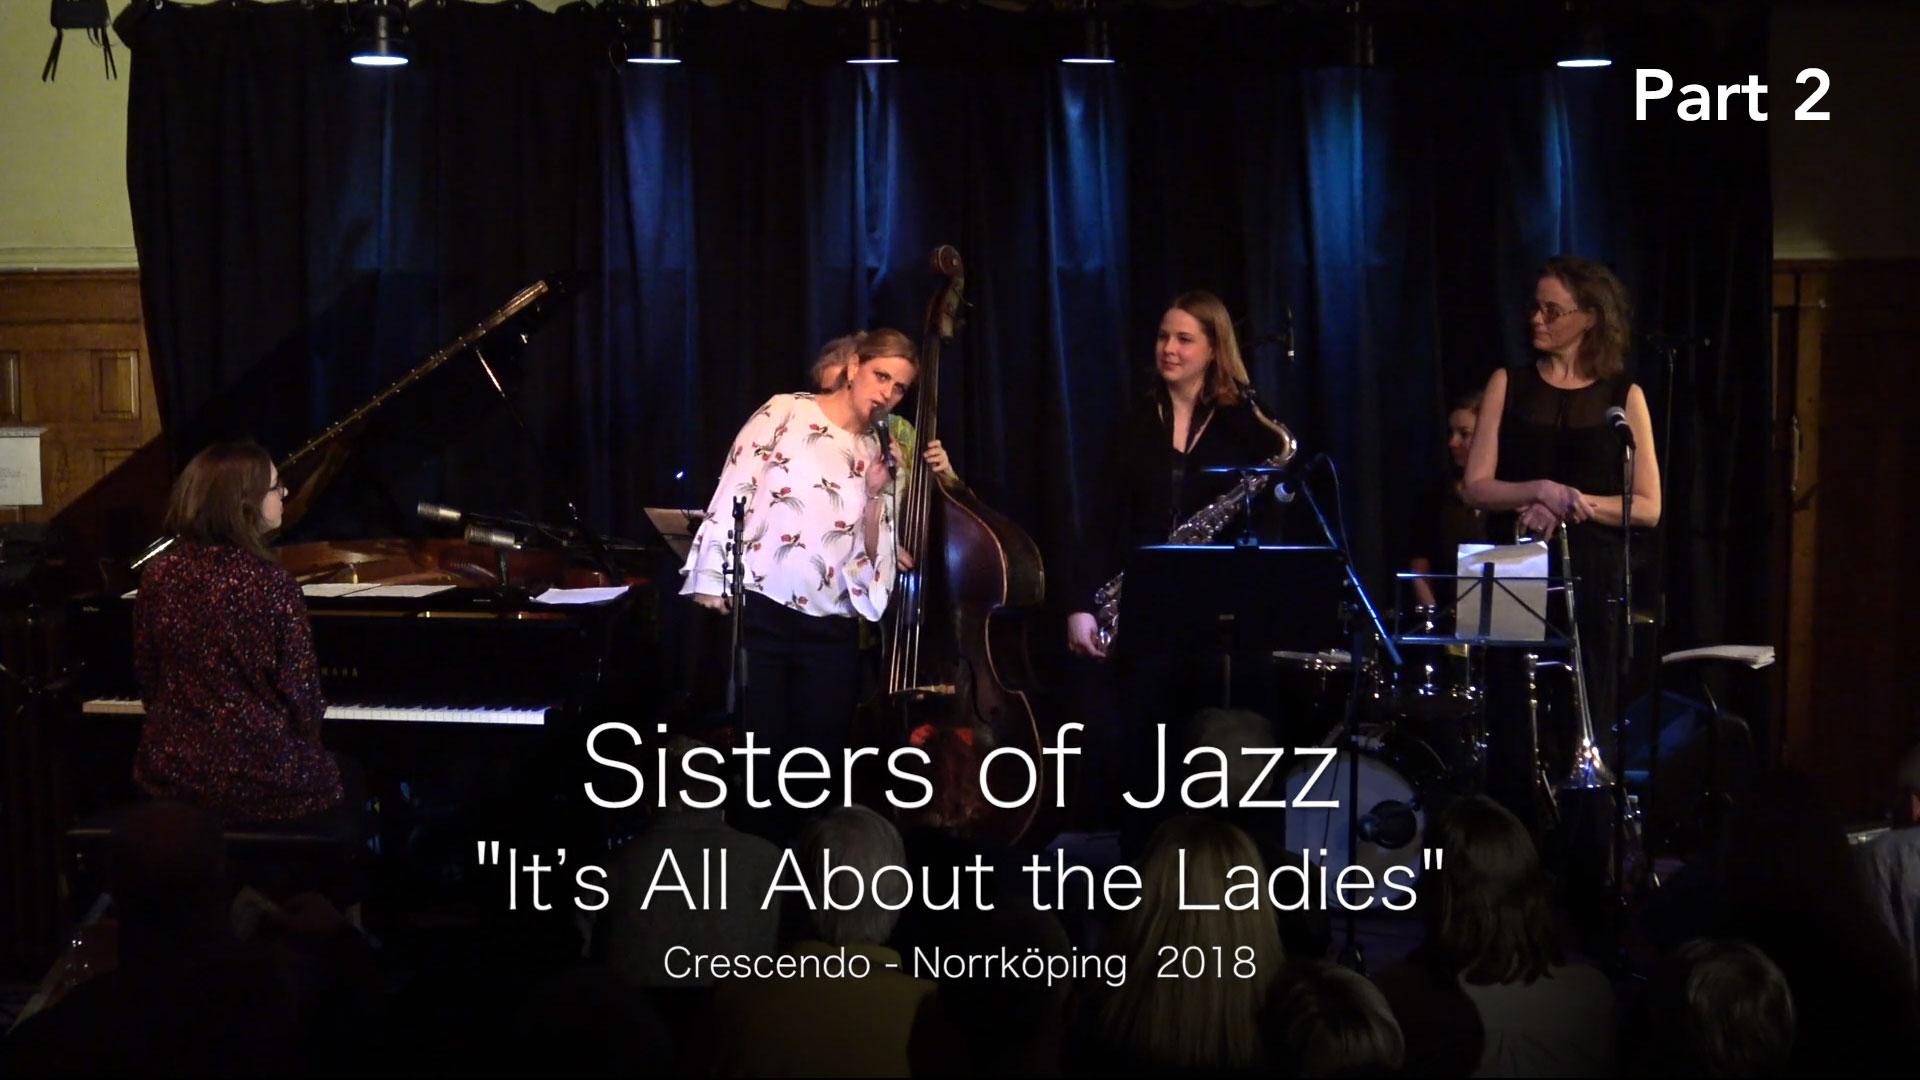 Sisters of Jazz